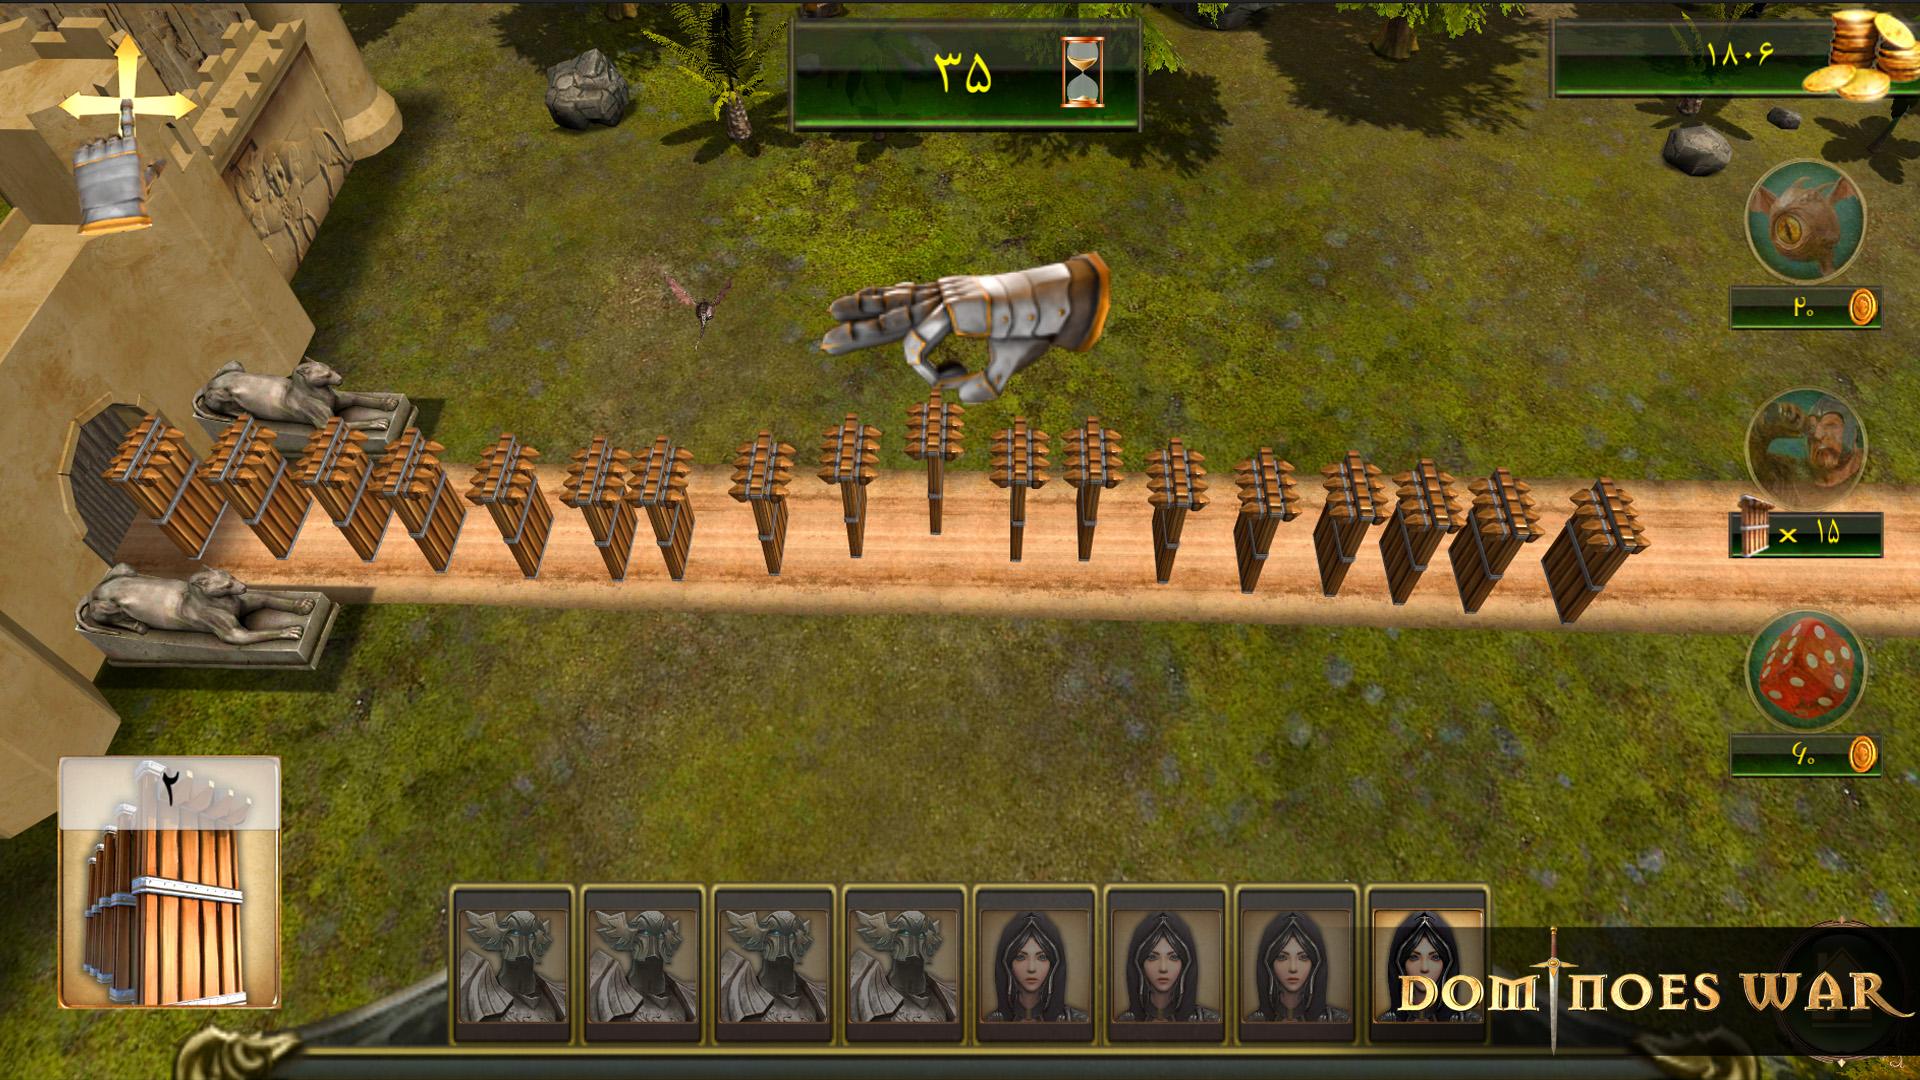 Dominoes War_19